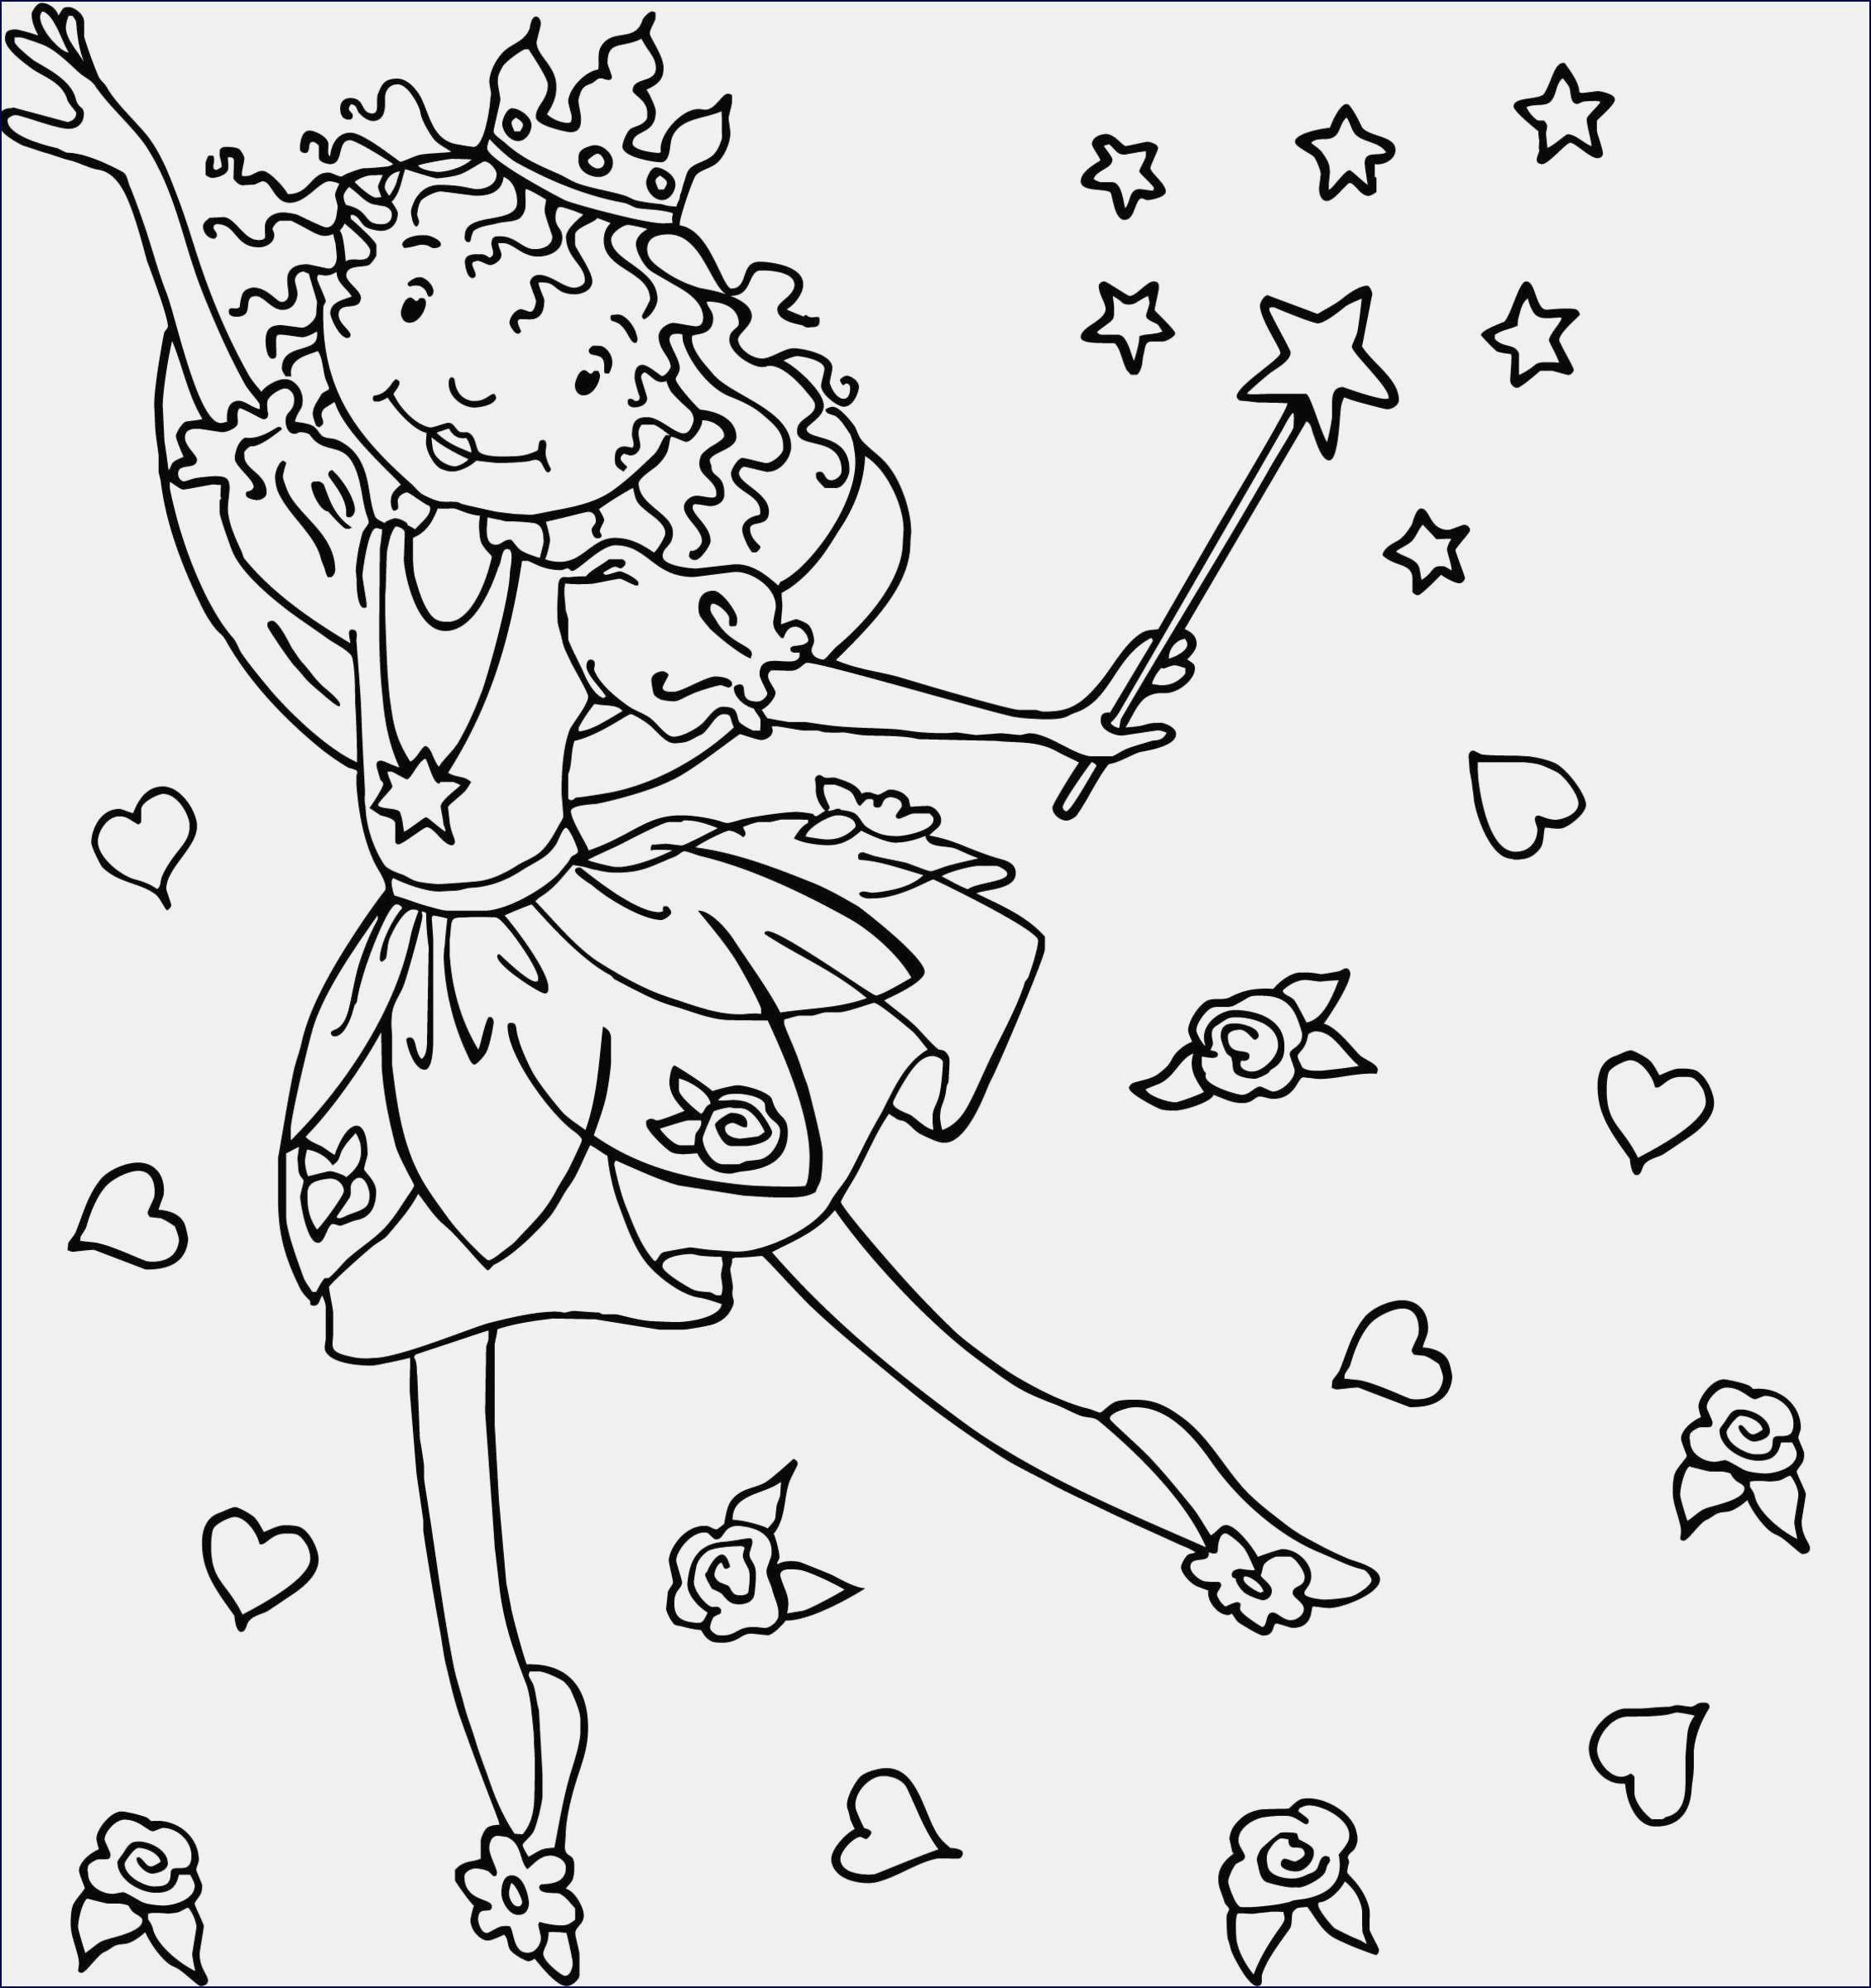 Ausmalbilder Minnie Maus Neu Malvorlagen Tannenbaum Frisch Malvorlagen Minnie Mouse Schön Sammlung